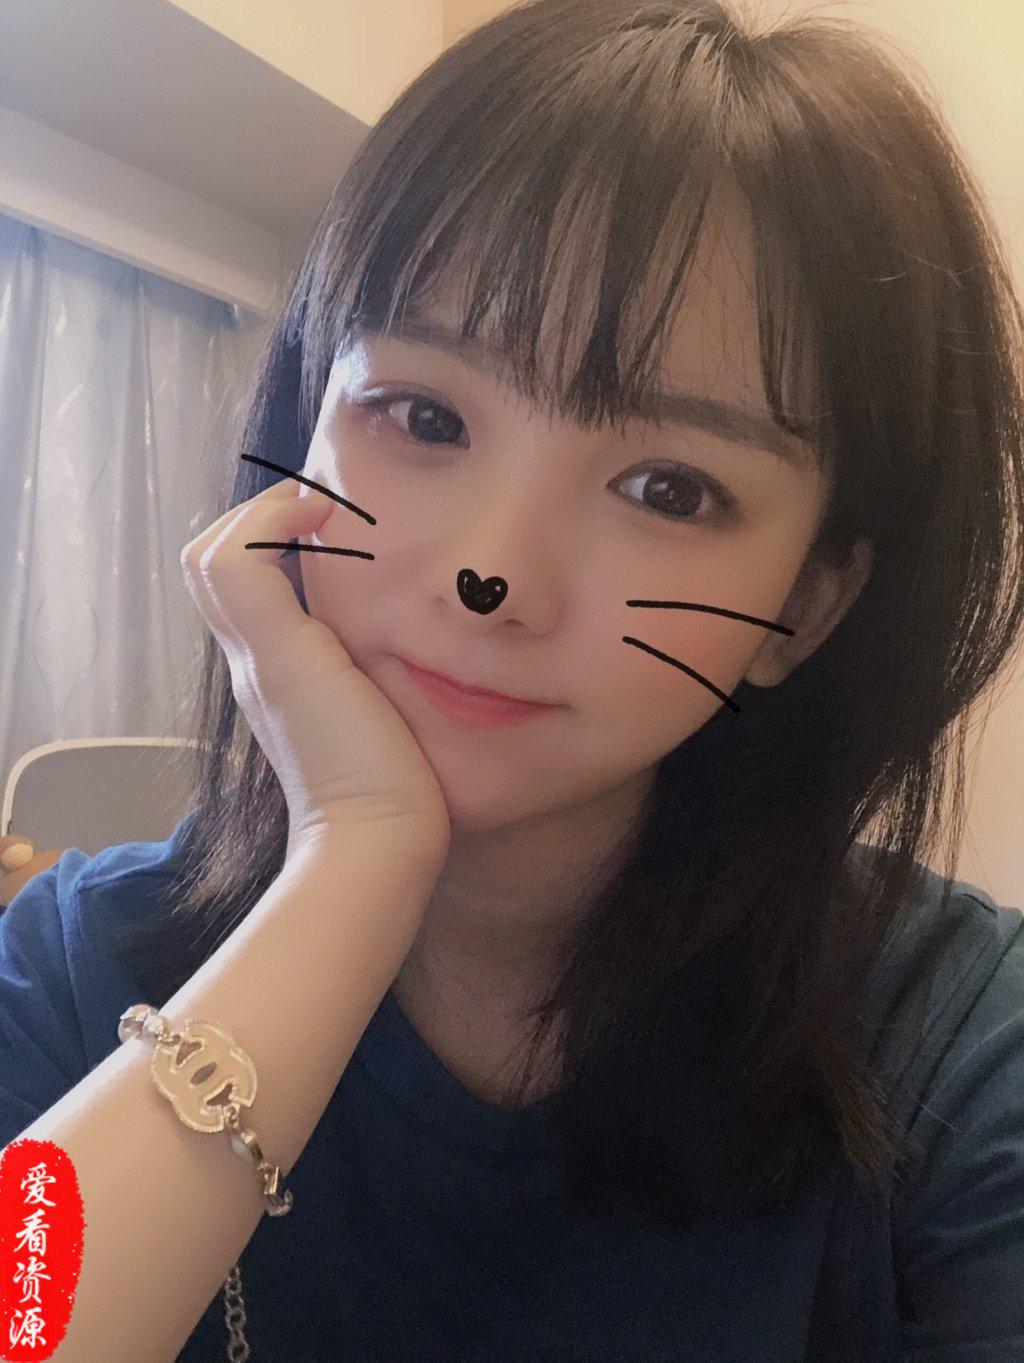 成功捕获一名萌妹子「赵小臭」虎牙LOL主播!